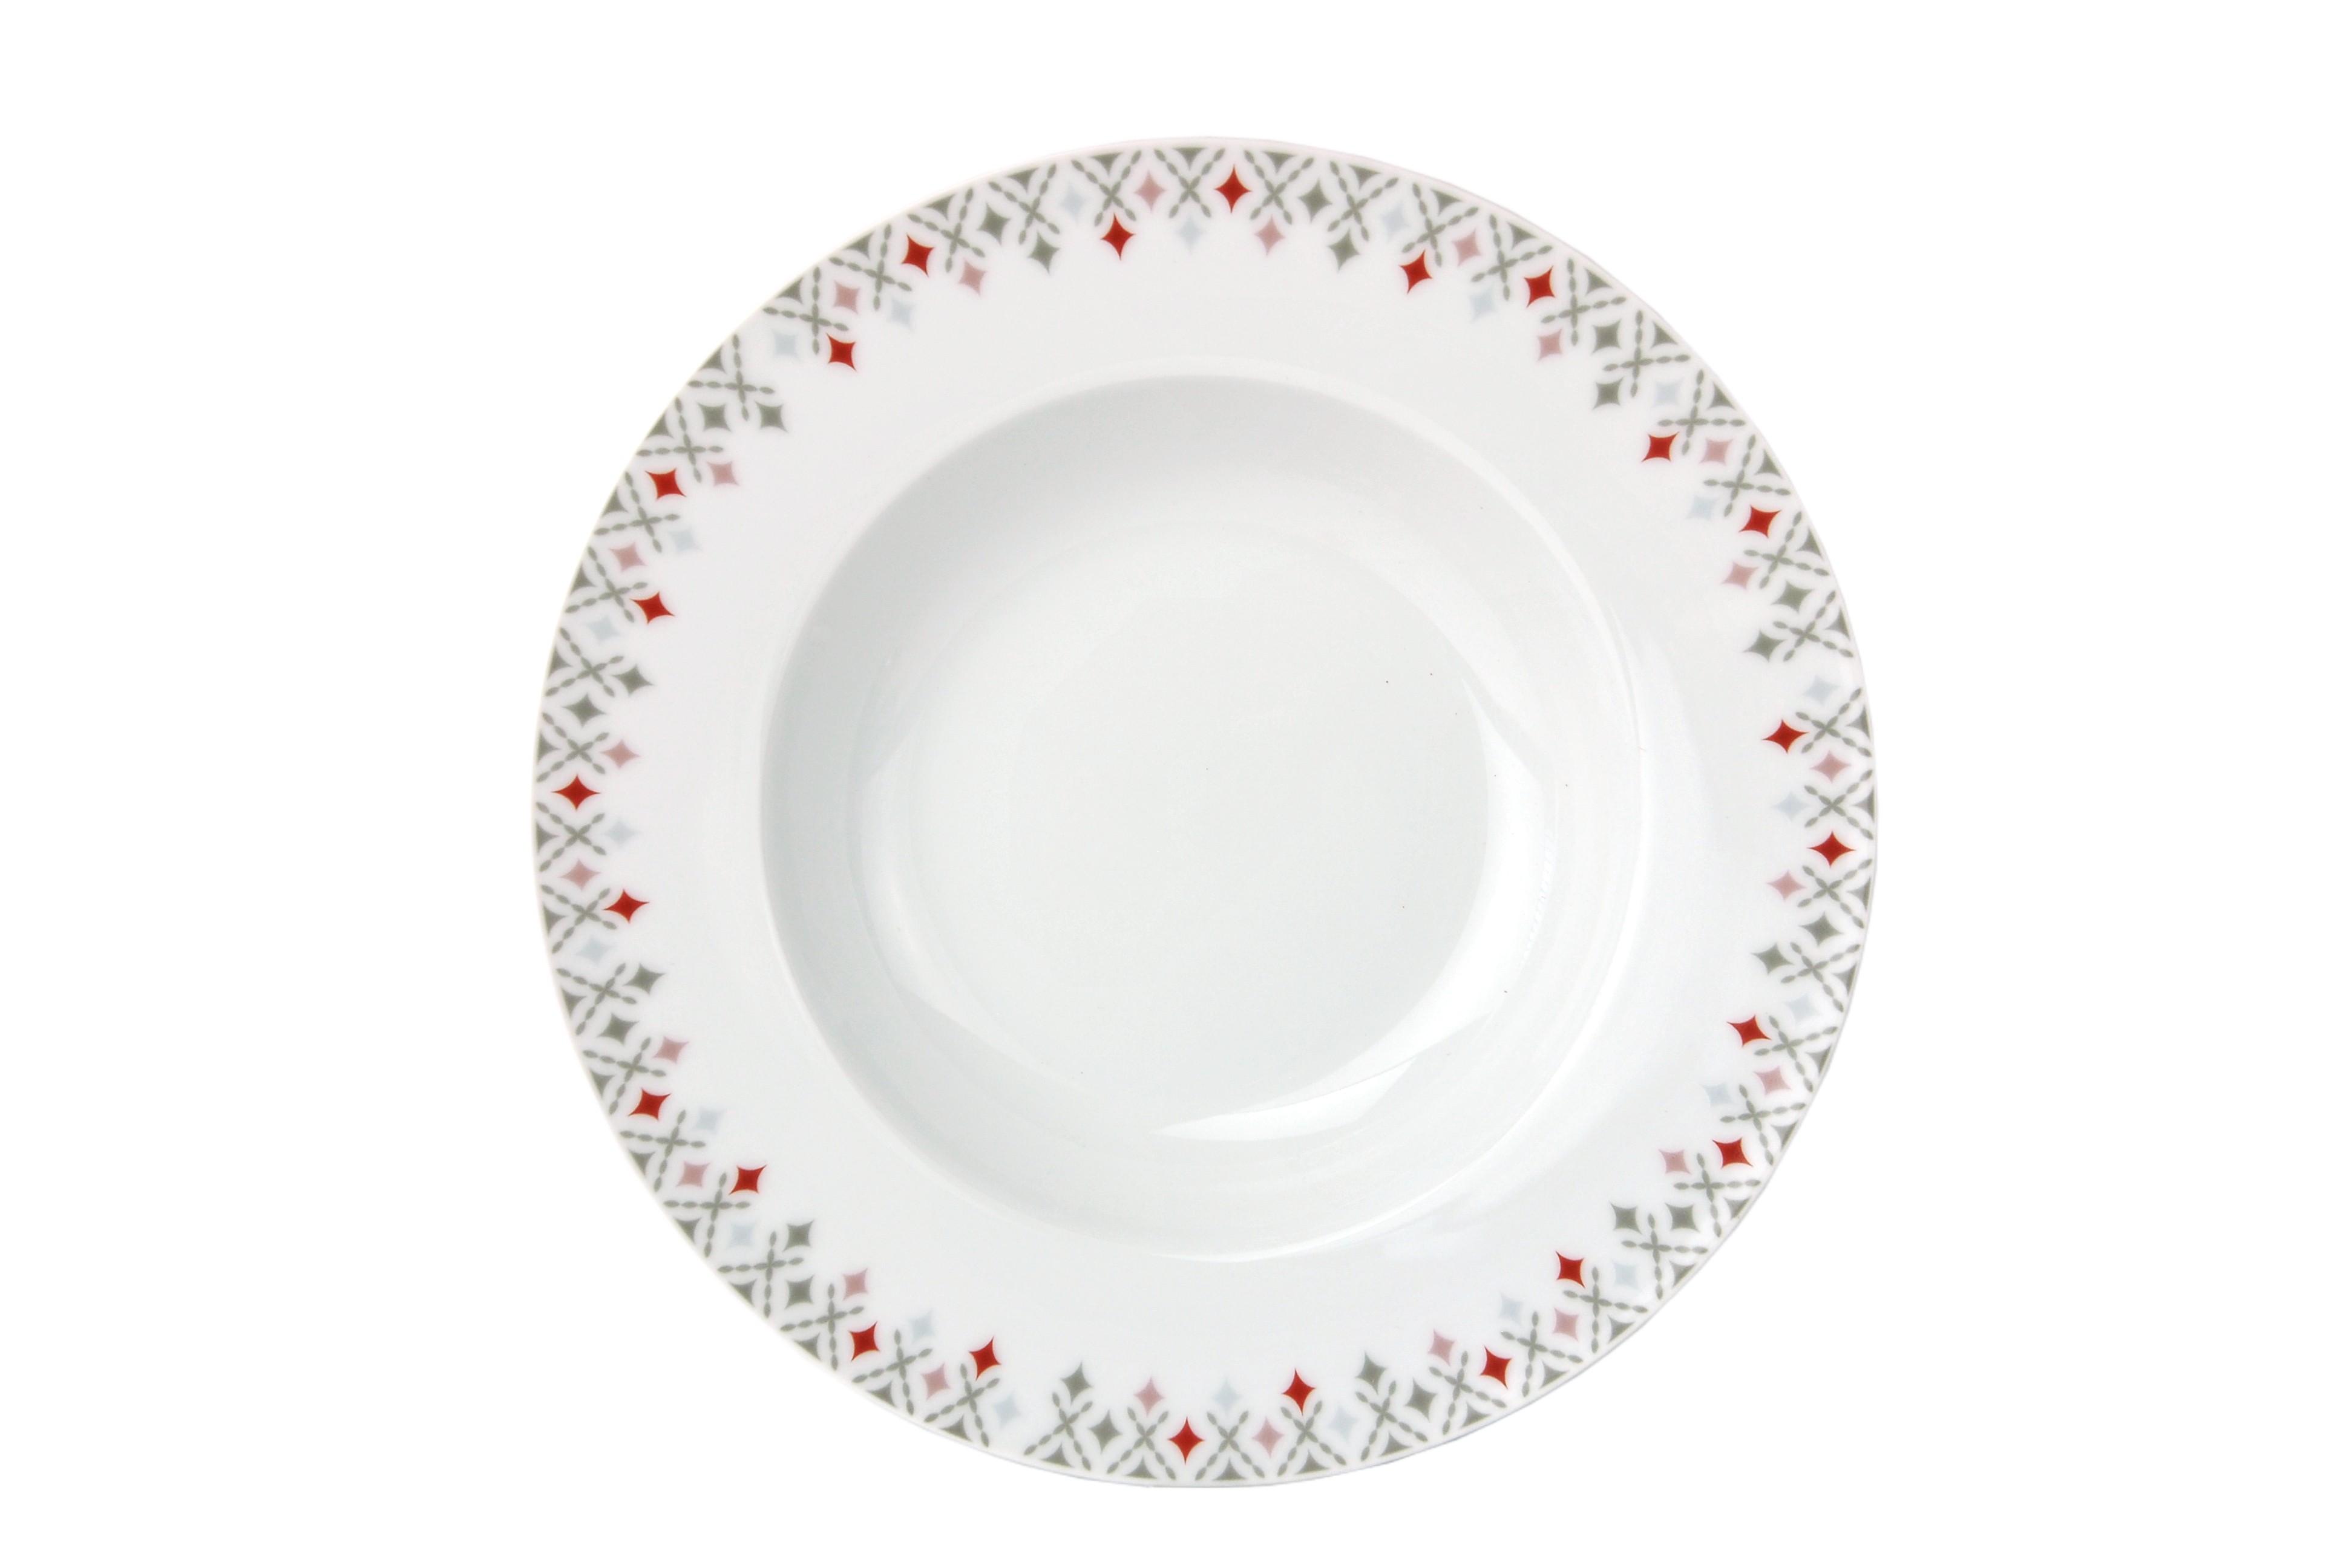 tafelservice 12tlg medina rot porzellan rund wei karomuster 6 personen teller 4250857250608 ebay. Black Bedroom Furniture Sets. Home Design Ideas